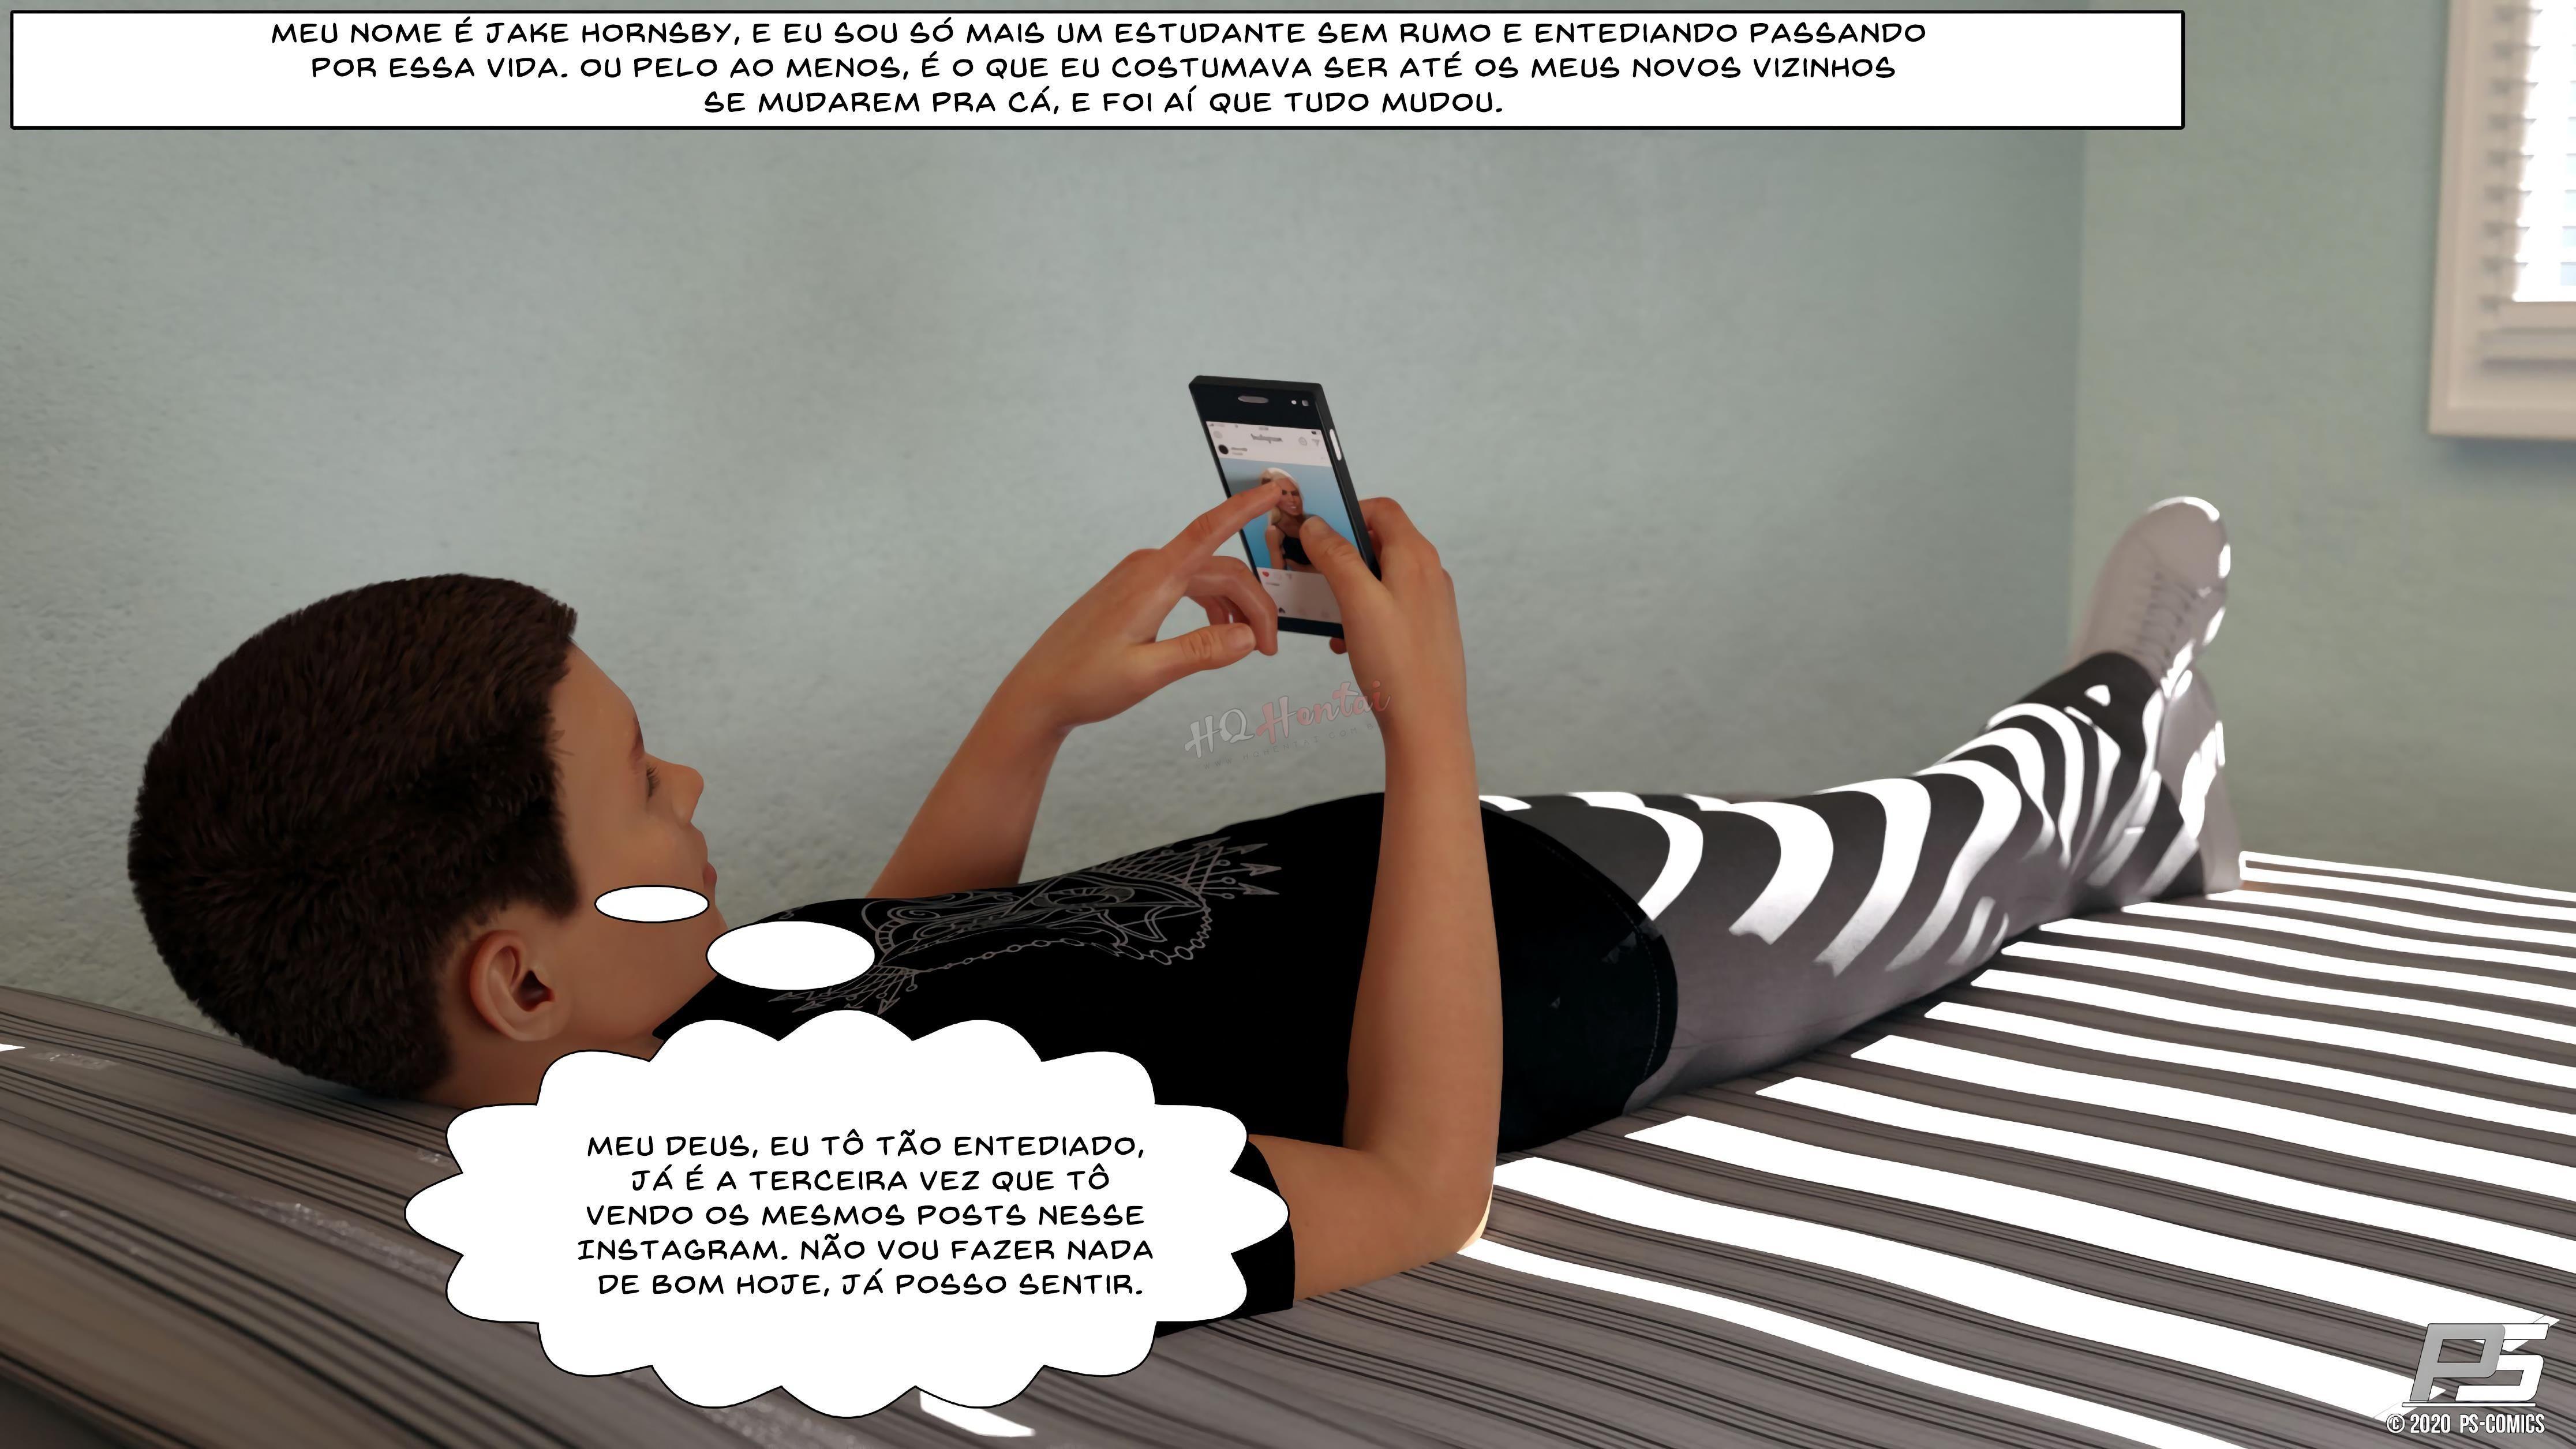 pagina_1 Use o navegador Google Chrome para leitura. Tudo mais RÁPIDO!!!!